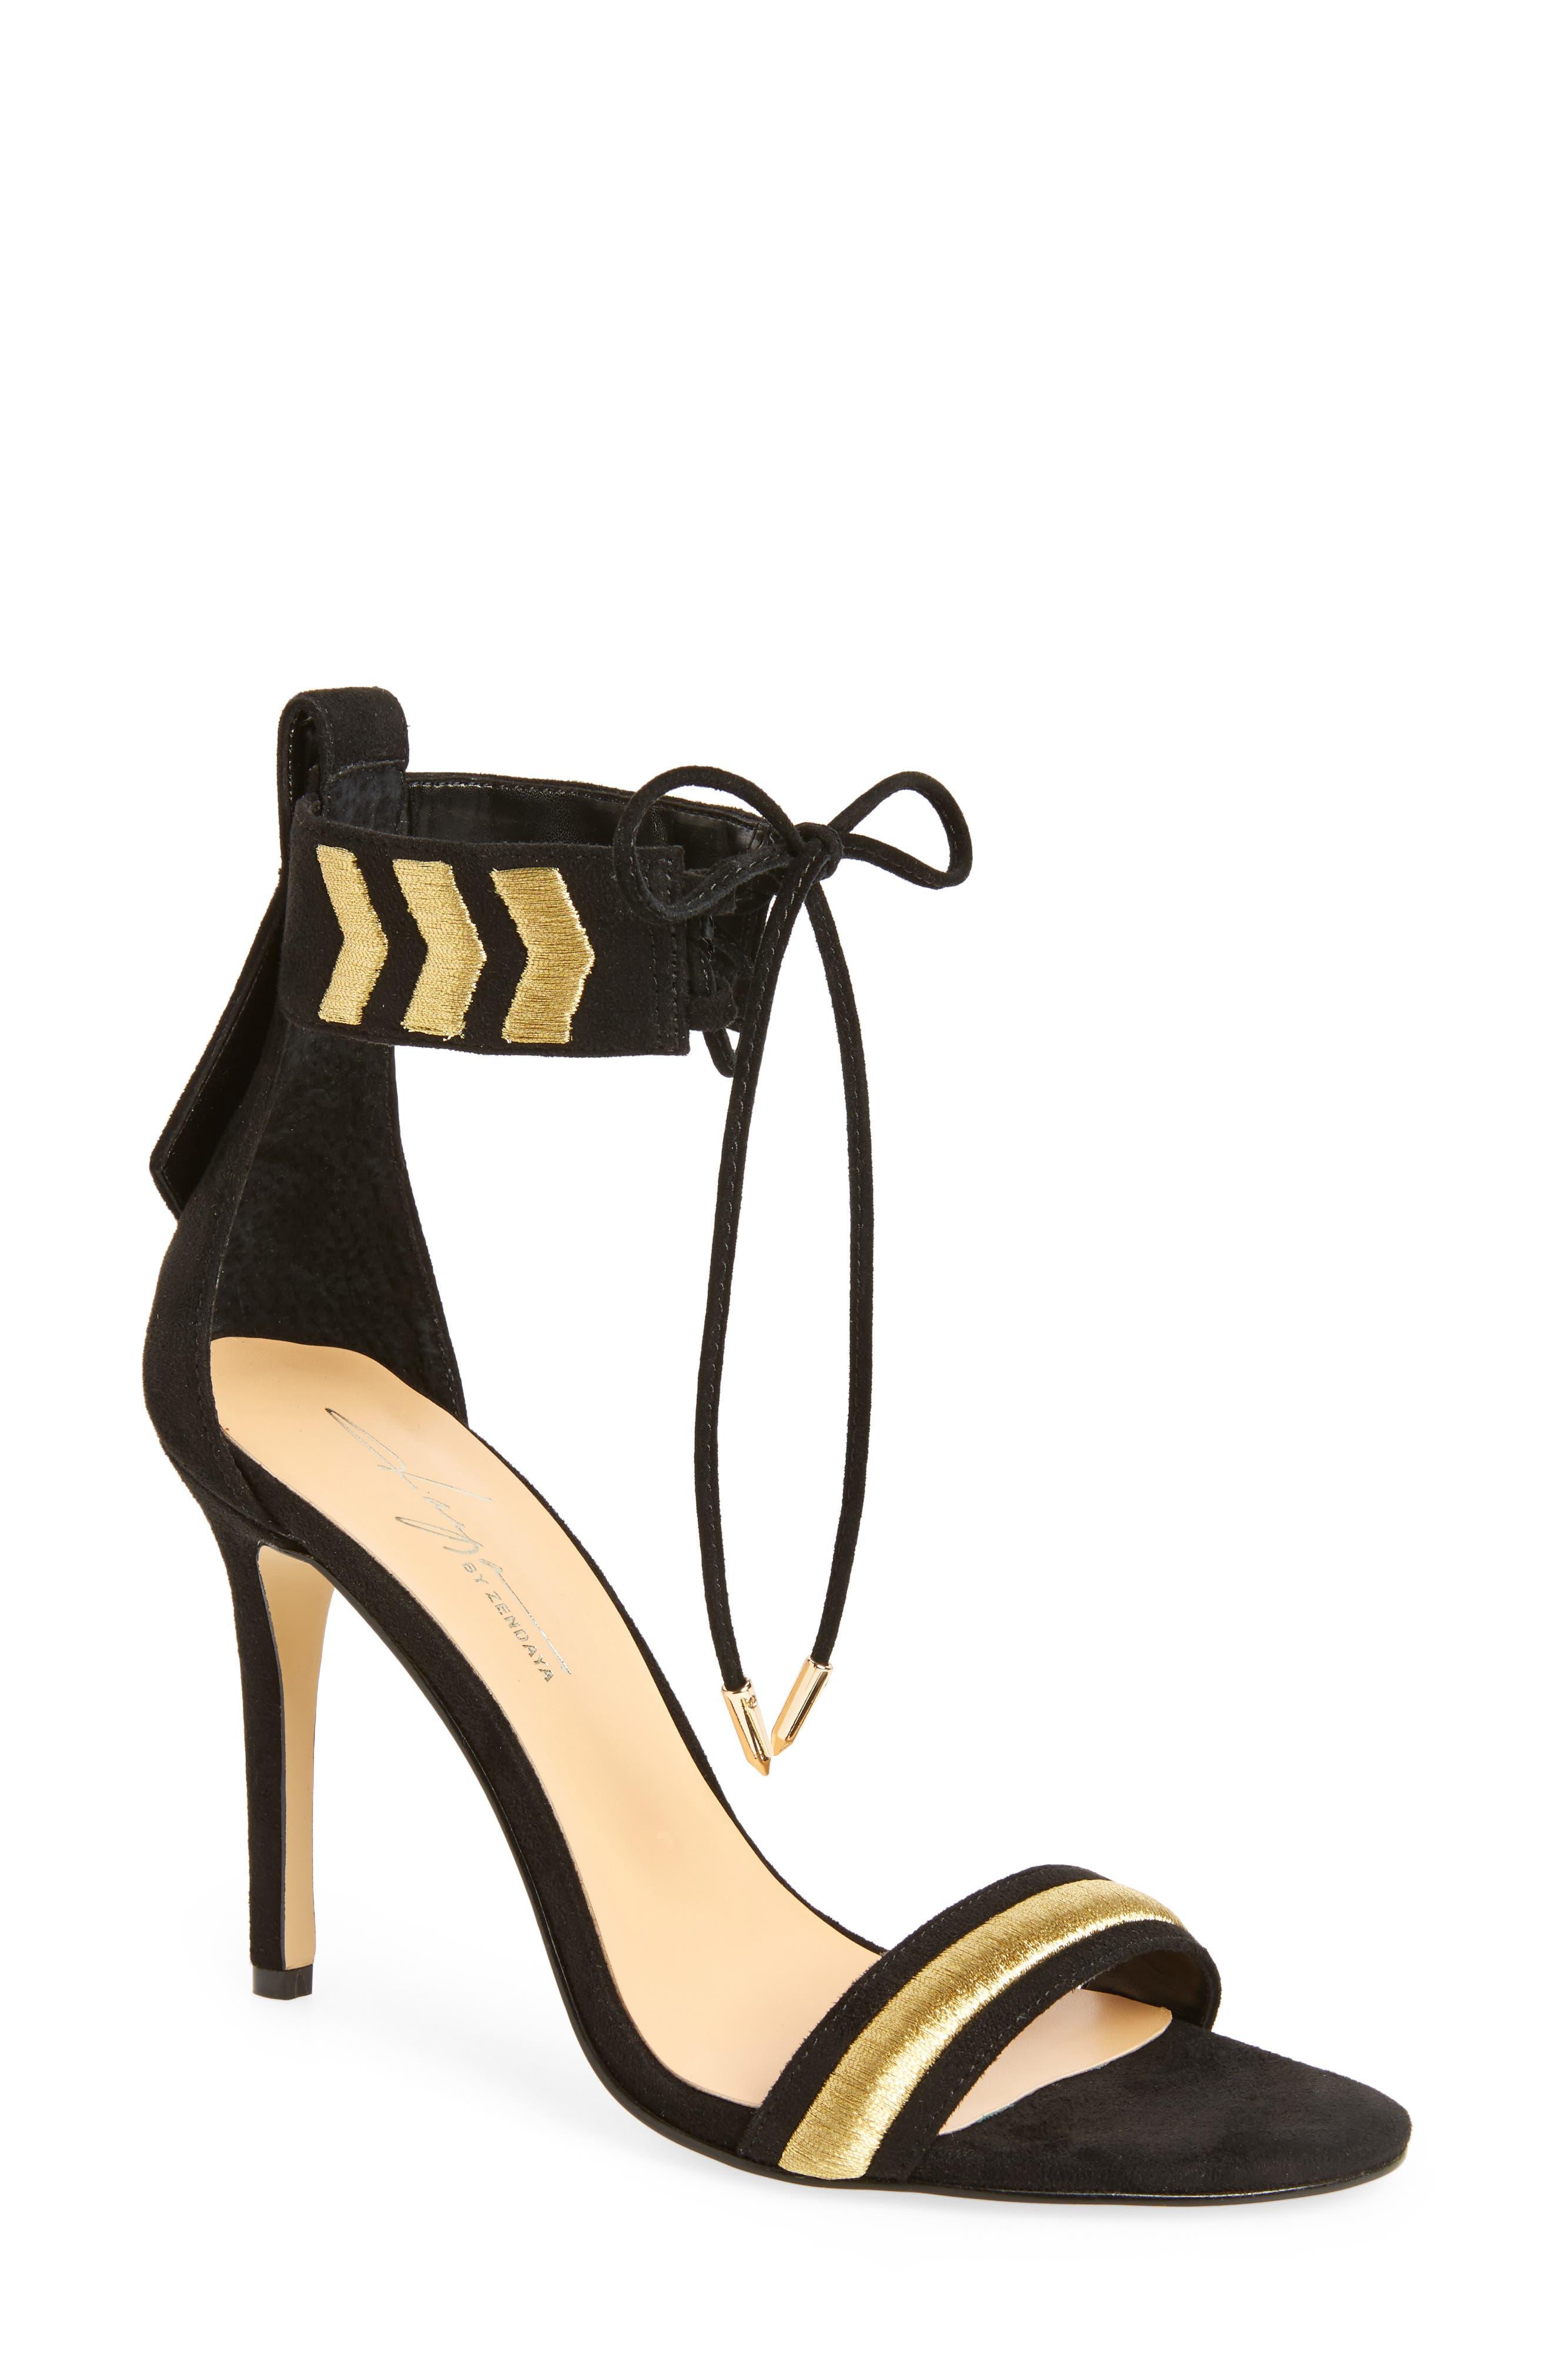 Main Image - Daya by Zendaya Nola Ankle Cuff Sandal (Women)